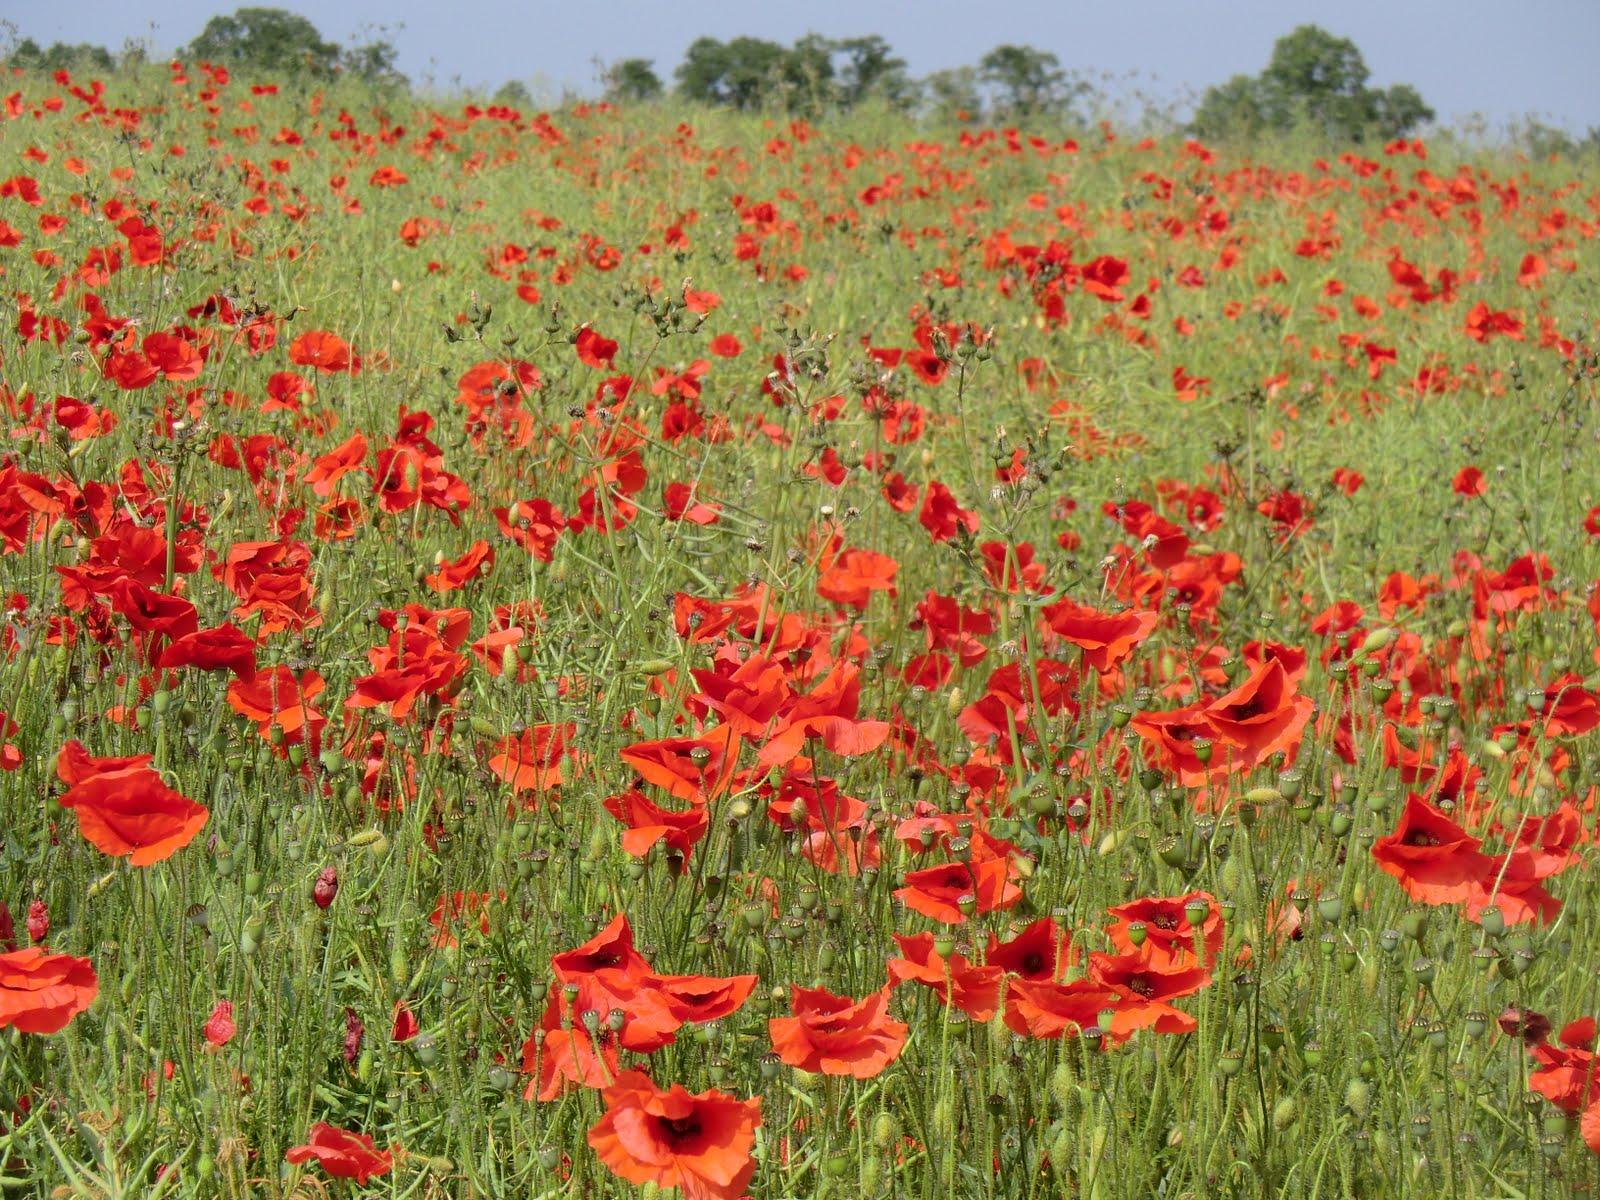 CIMG7520 Poppy field, Eynsford